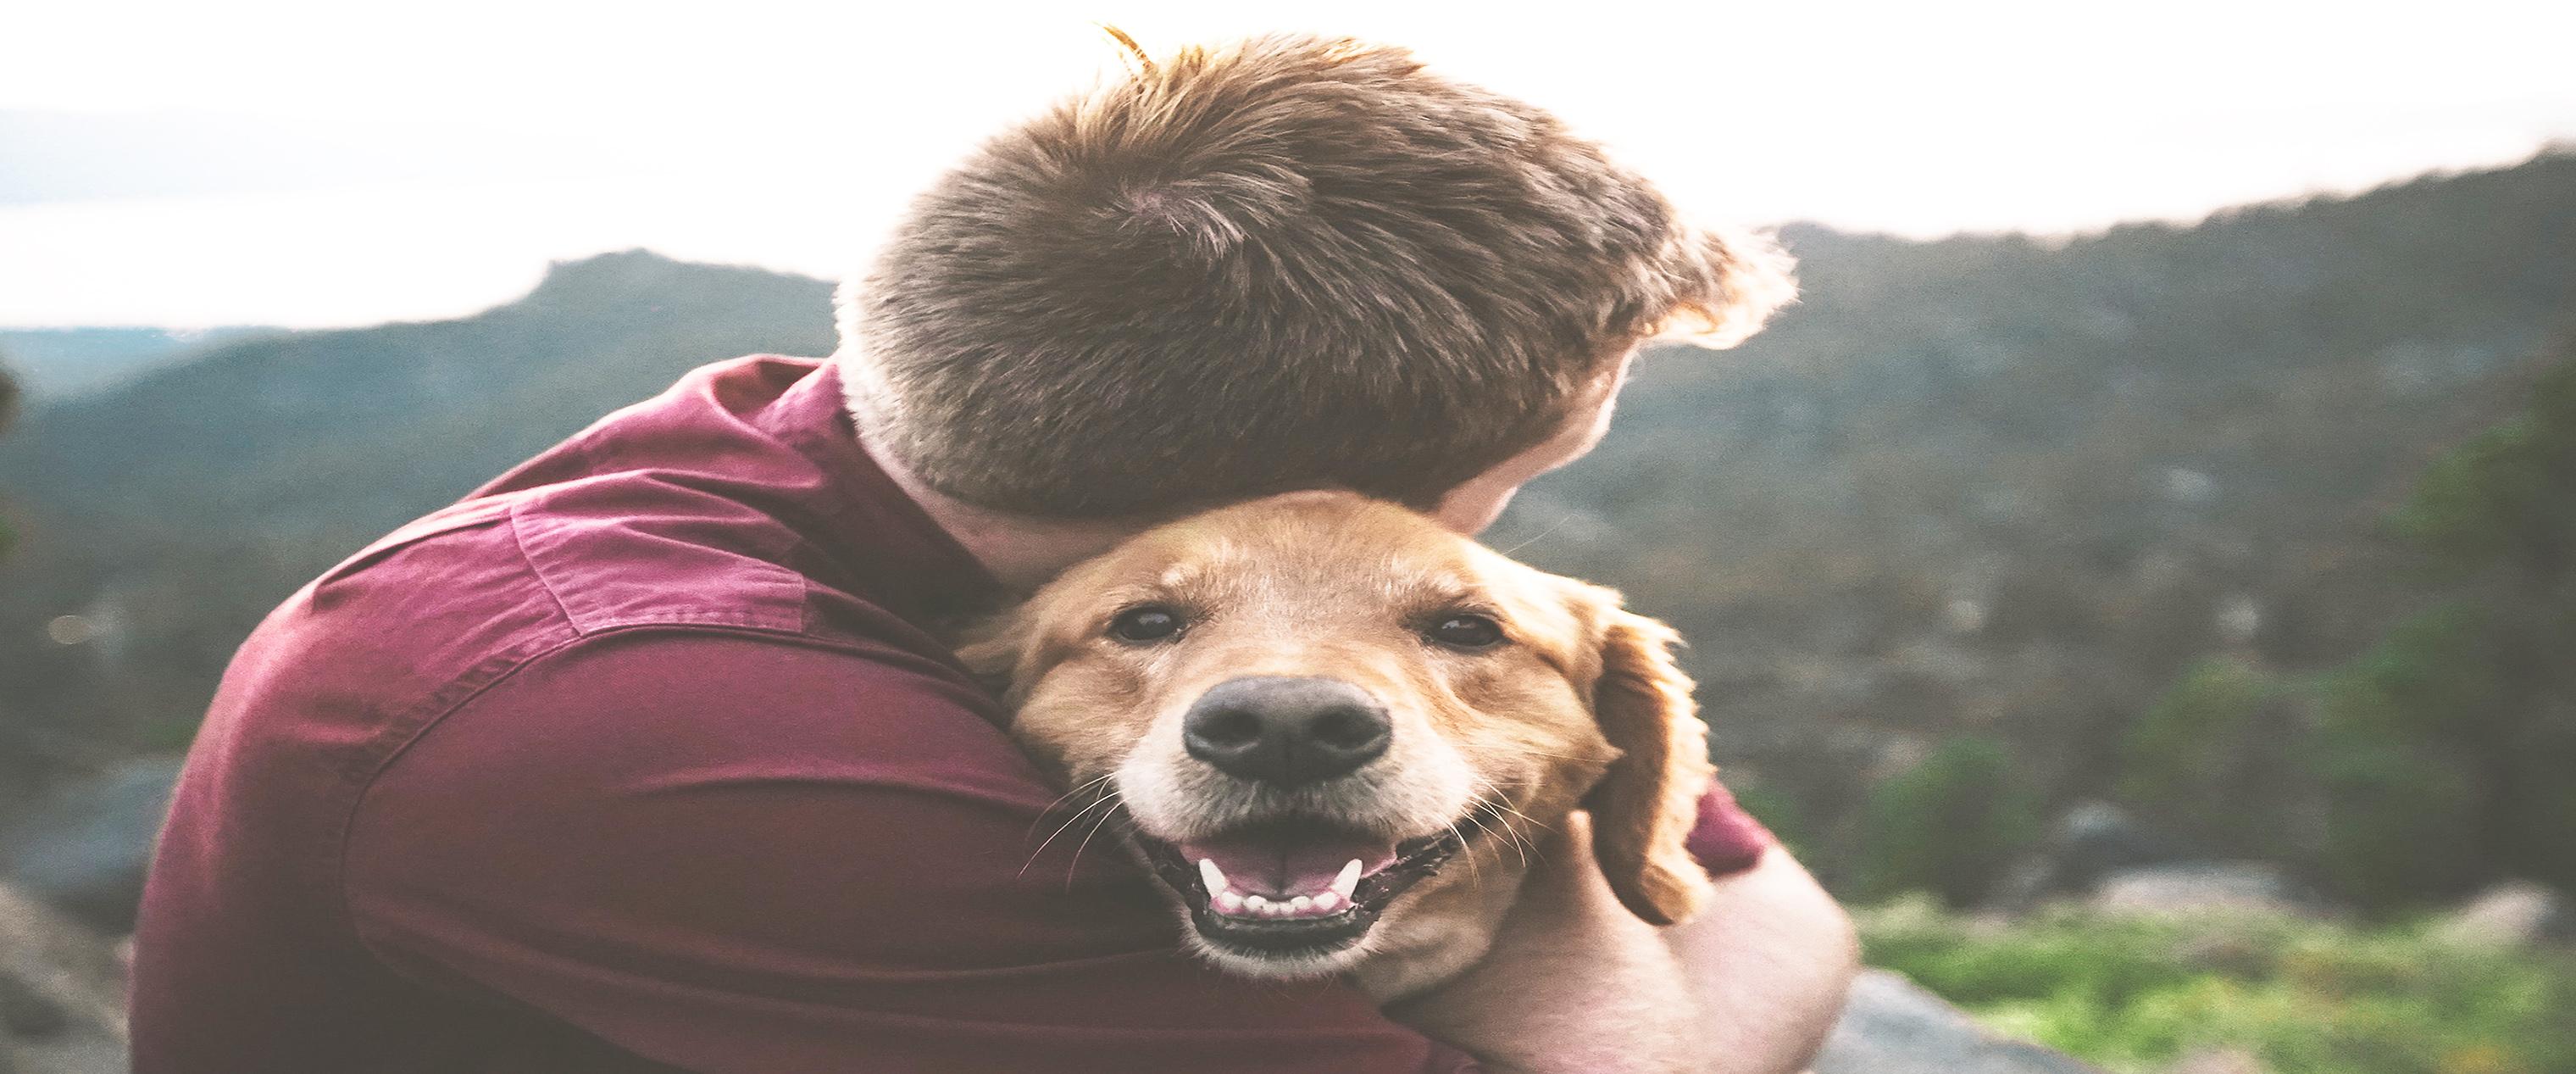 Por el bienestar de personas y animales